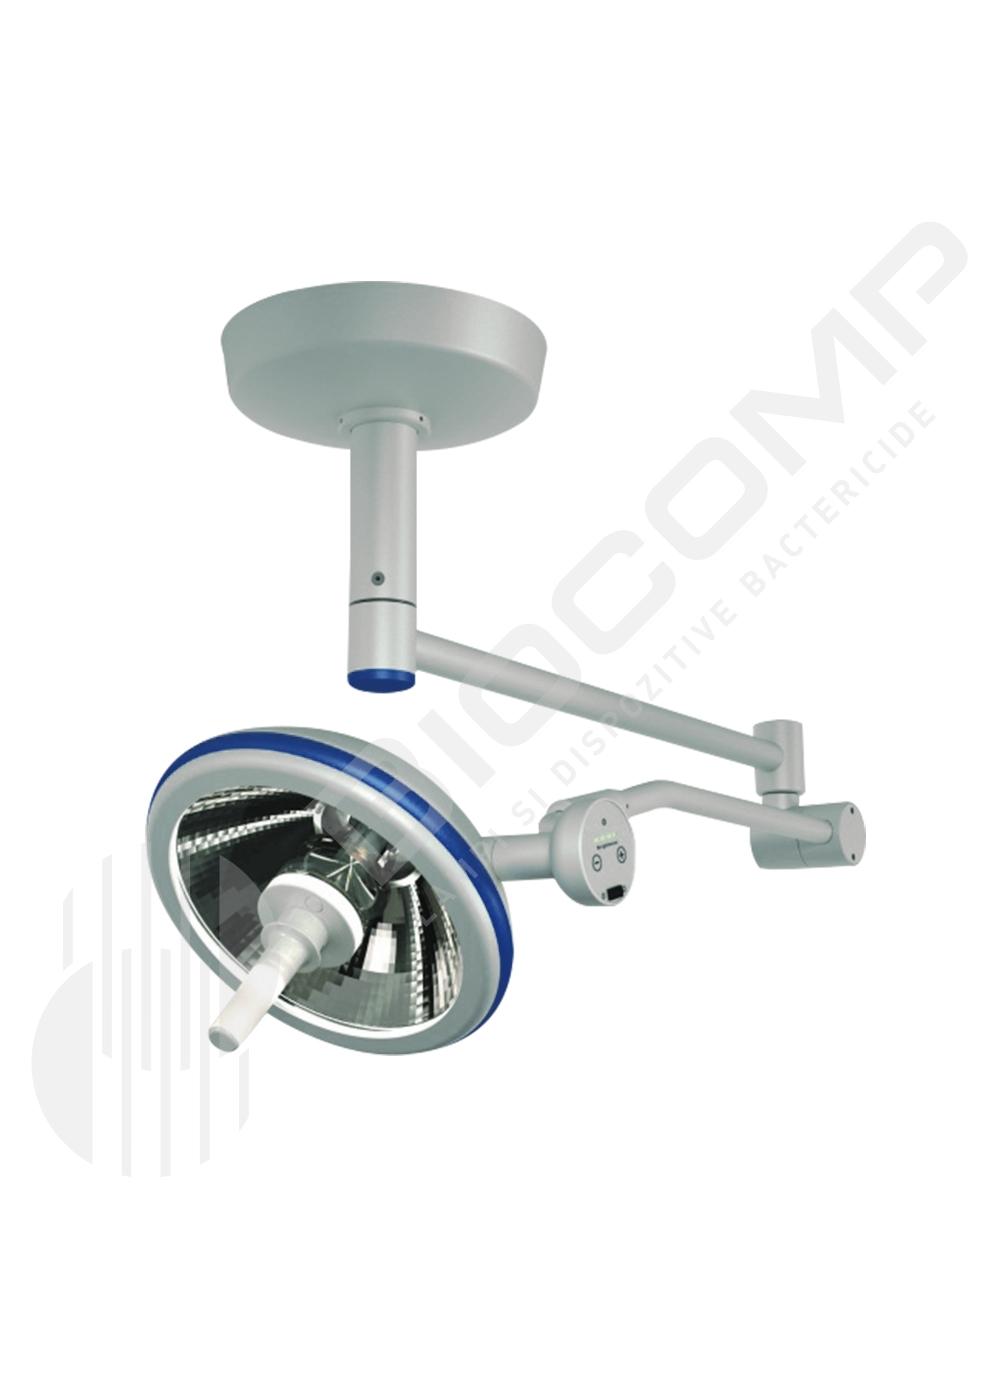 Lampa de examinare - scialitica cu LED – OSRAM foarte performant - montare pe tavan - inaltime camera  3,30m/ 3,0m/  2,70m si 2,50m